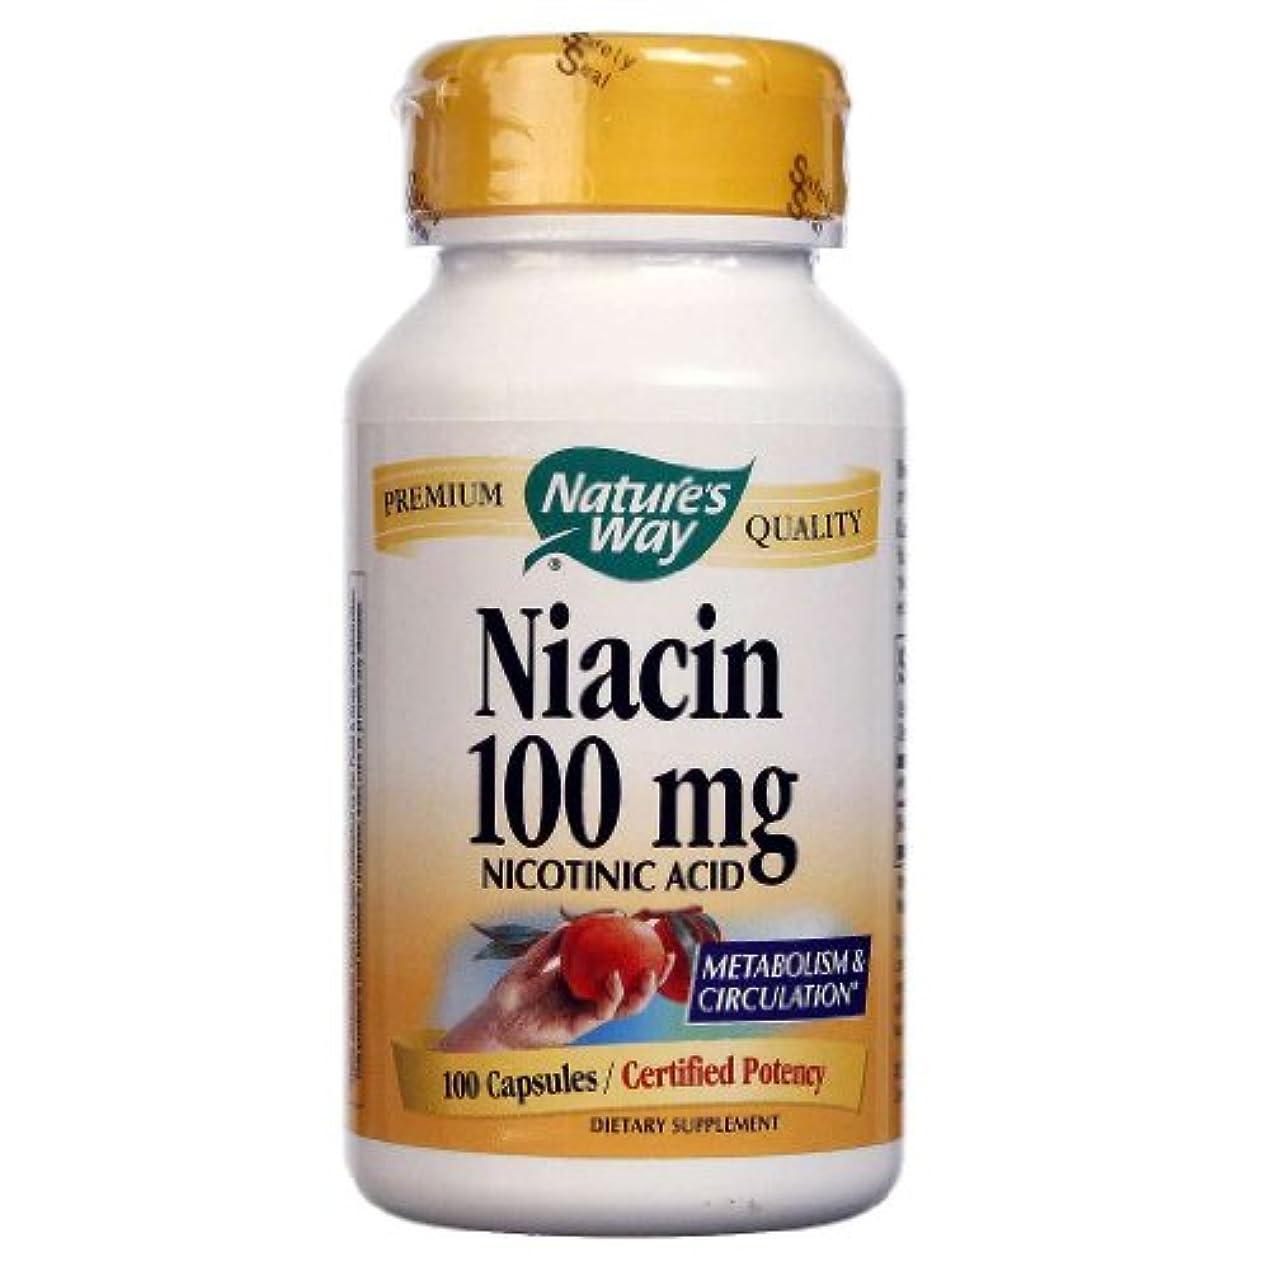 またにんじん所有権海外直送品 Nature's Way Niacin, 100 Caps 100 mg